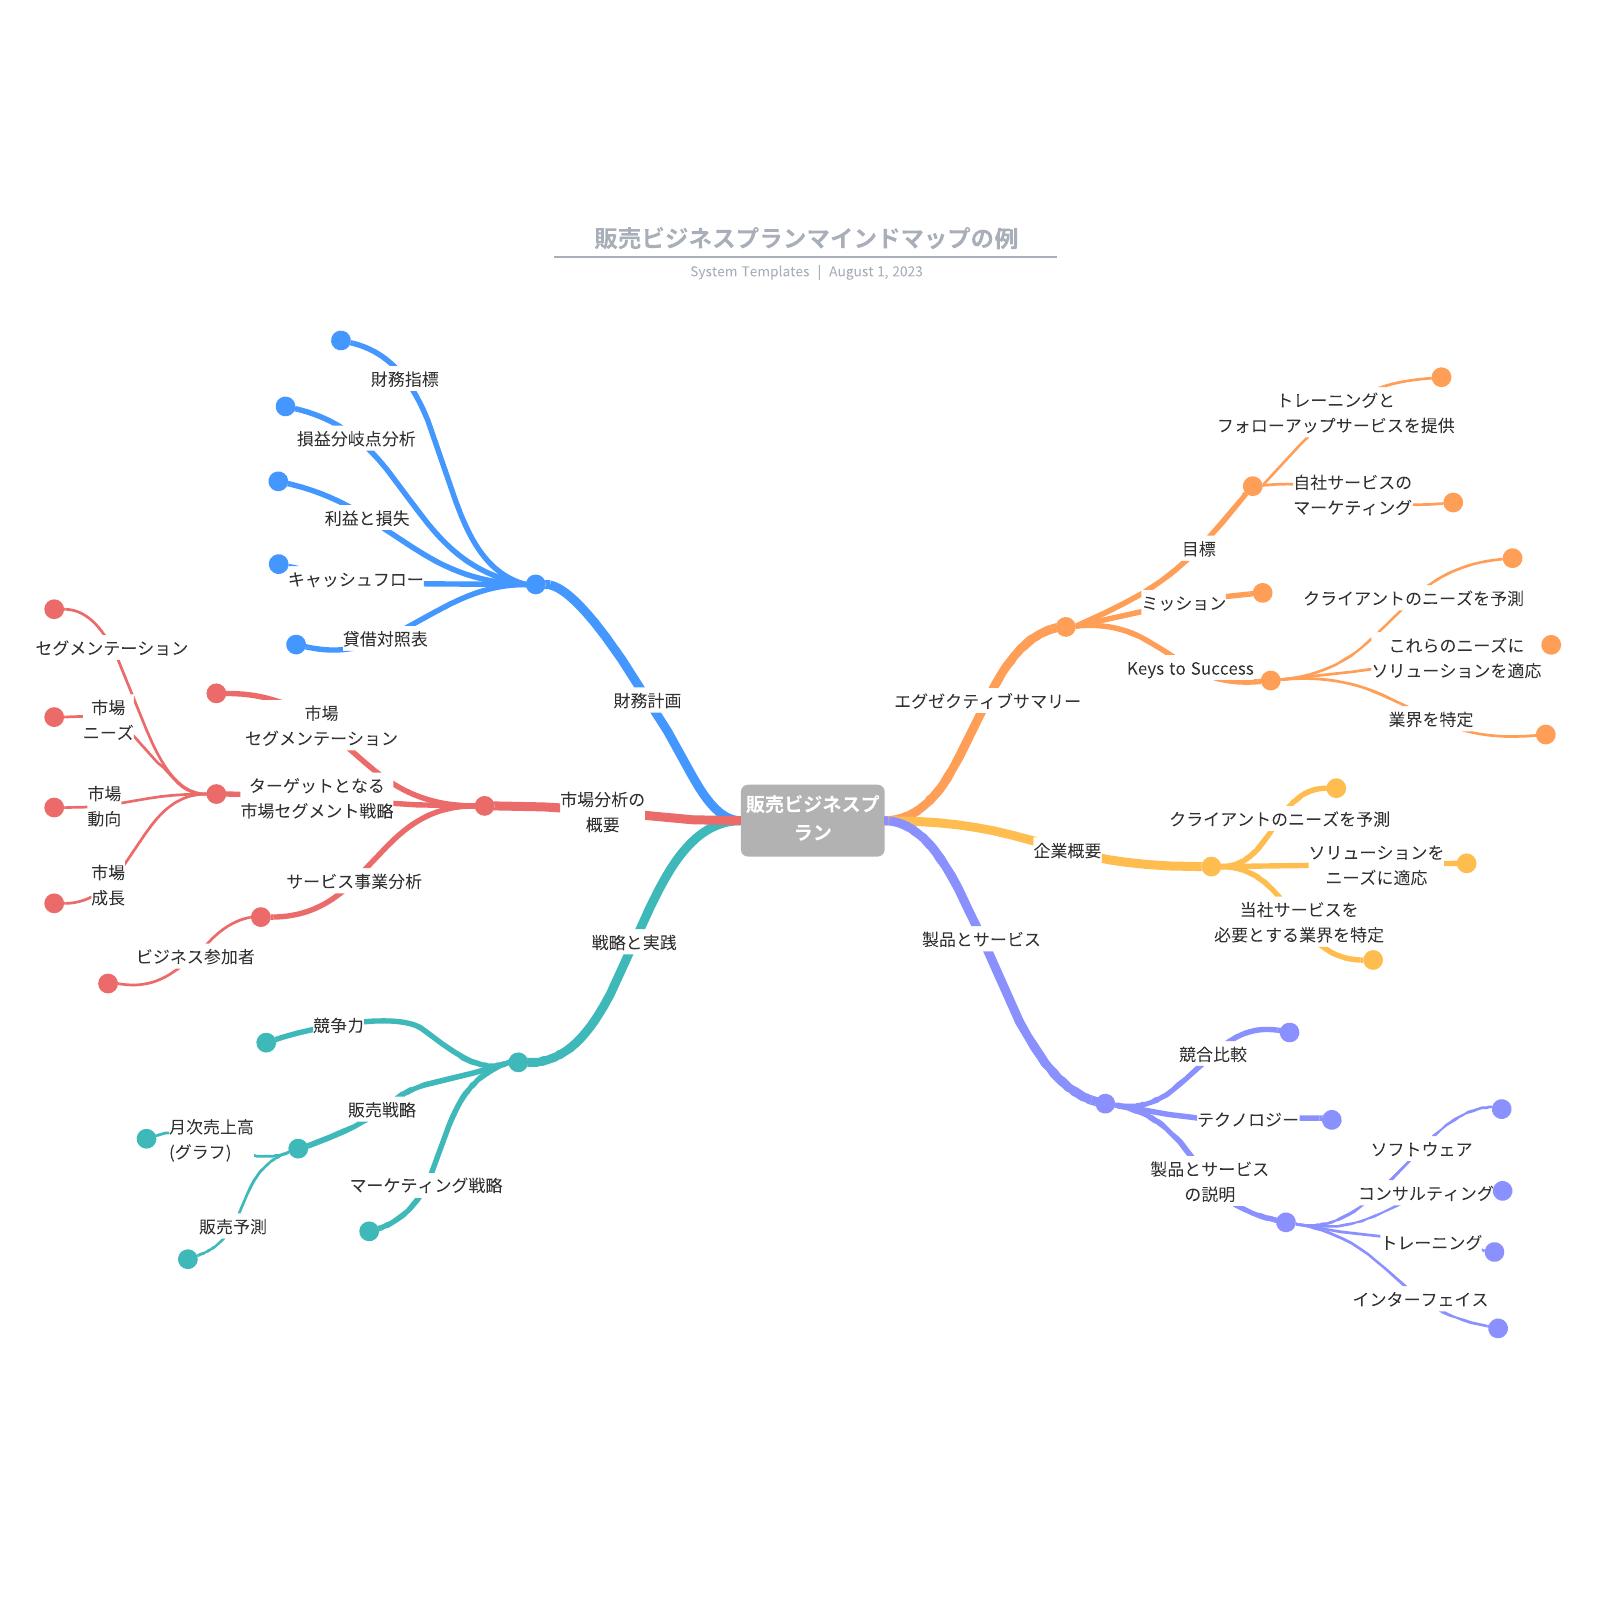 販売ビジネスプランマインドマップの例